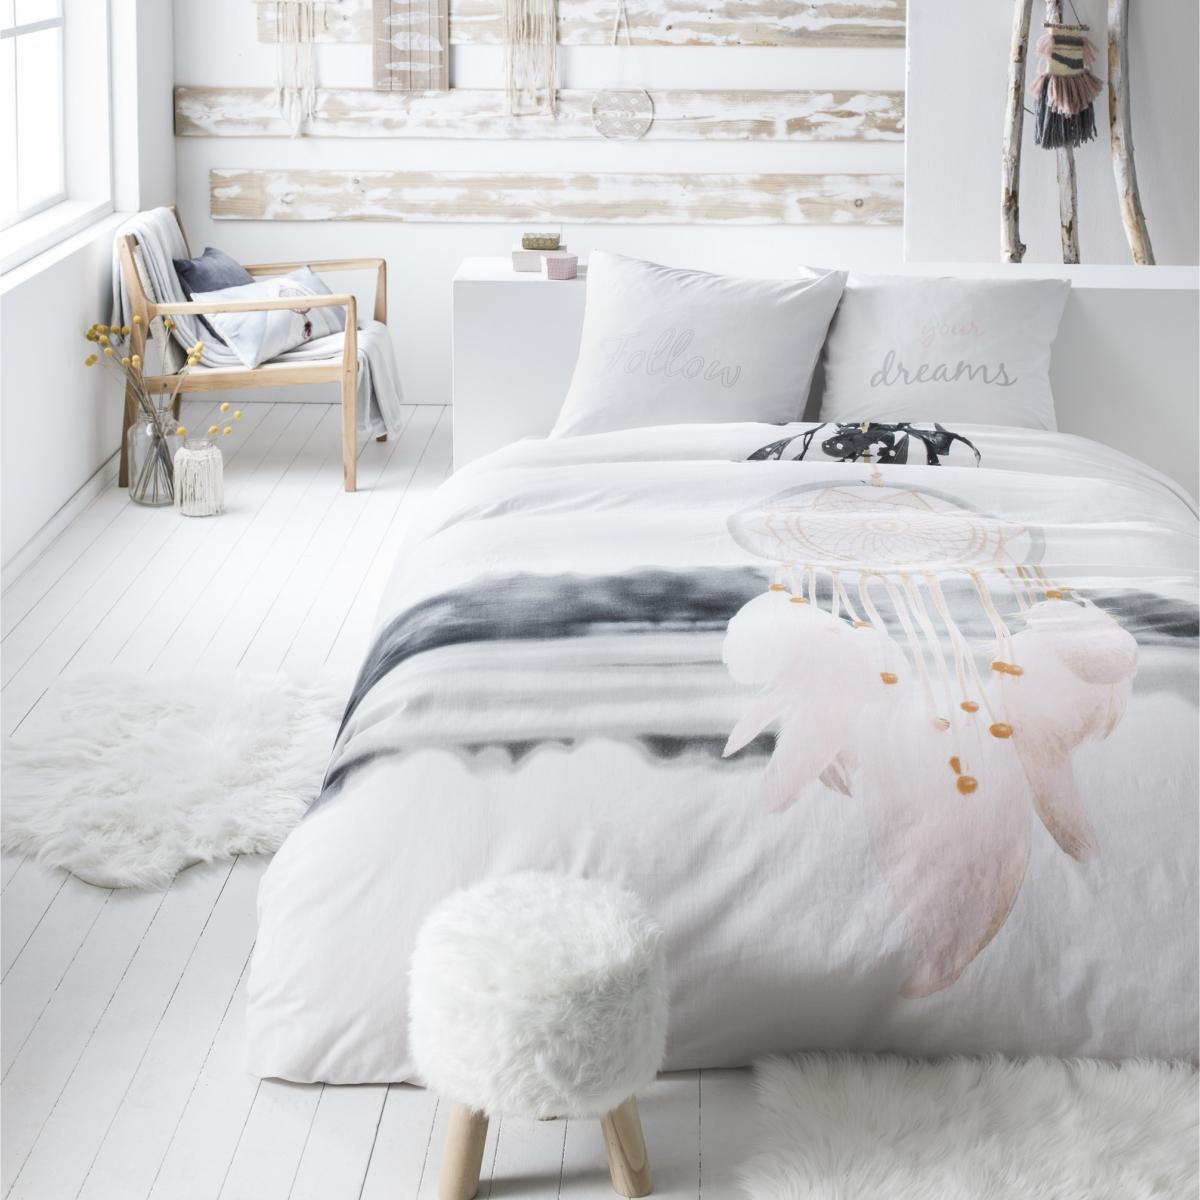 housse de couette attrape r ve chic drom j k markets. Black Bedroom Furniture Sets. Home Design Ideas